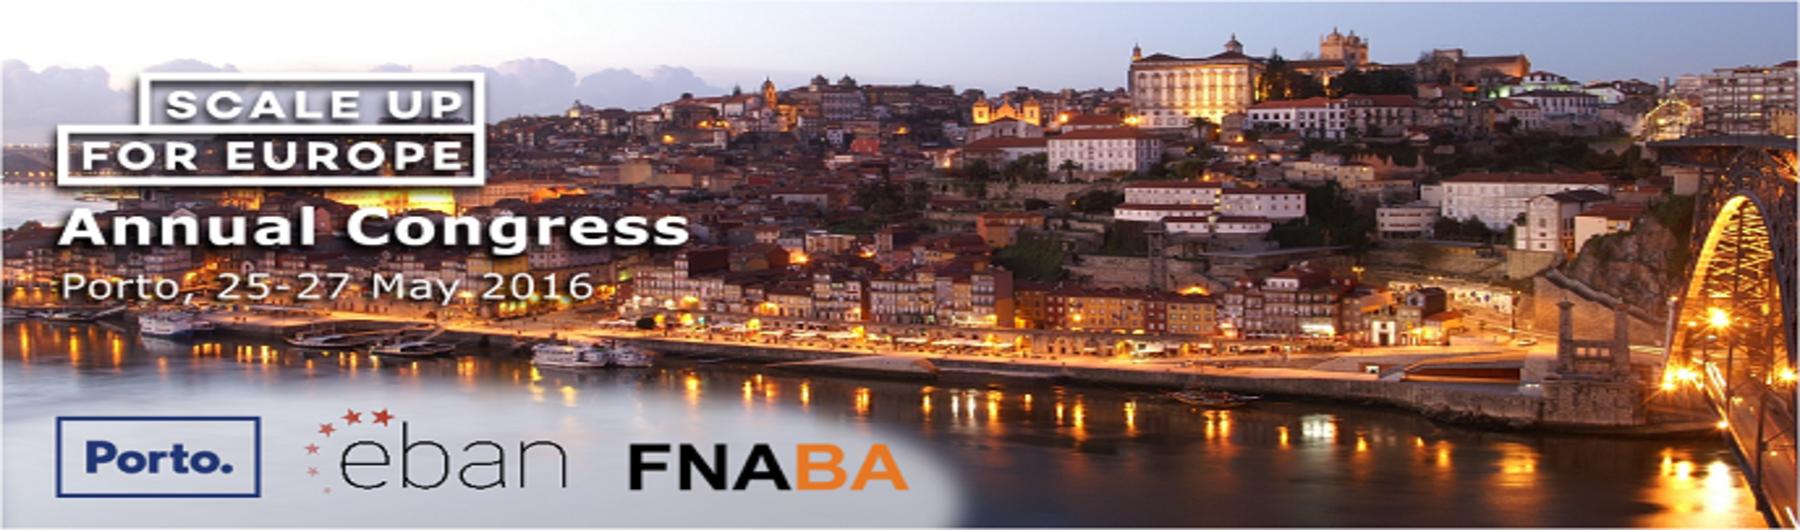 EBAN 2016 Annual Congress | Scaleup for Europe